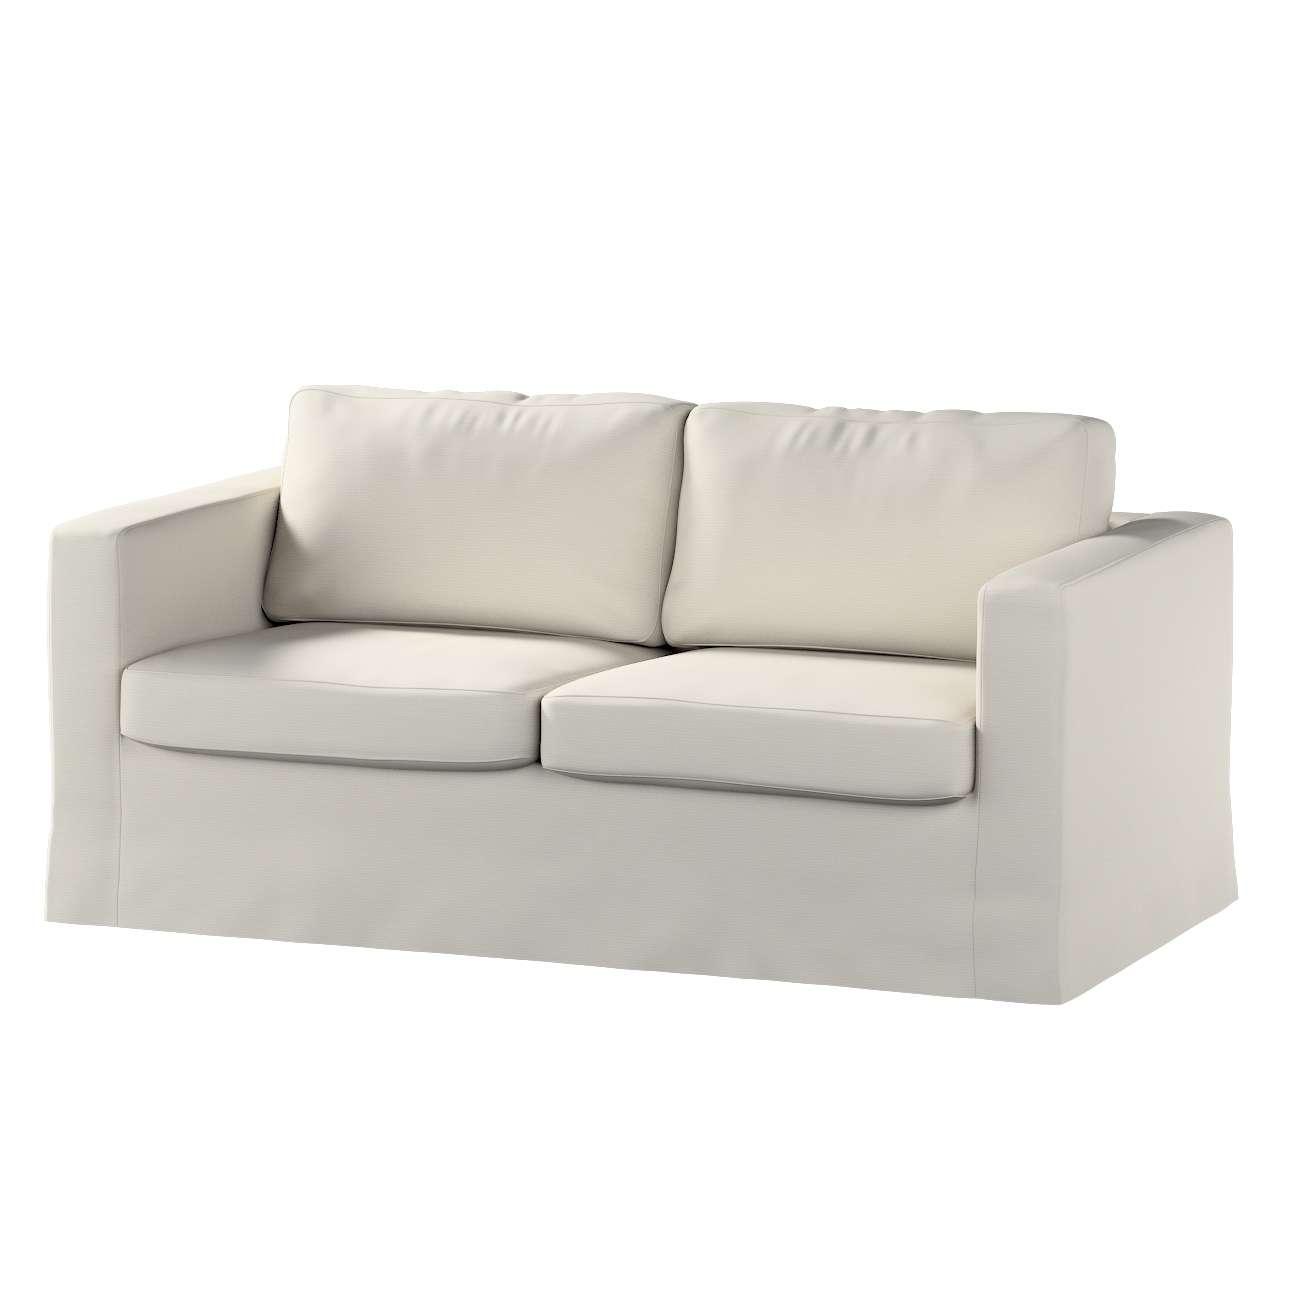 Potah na pohovku IKEA  Karlstad 2-místná , nerozkládací, dlouhý pohovka Karlstad 2-místná v kolekci Cotton Panama, látka: 702-31